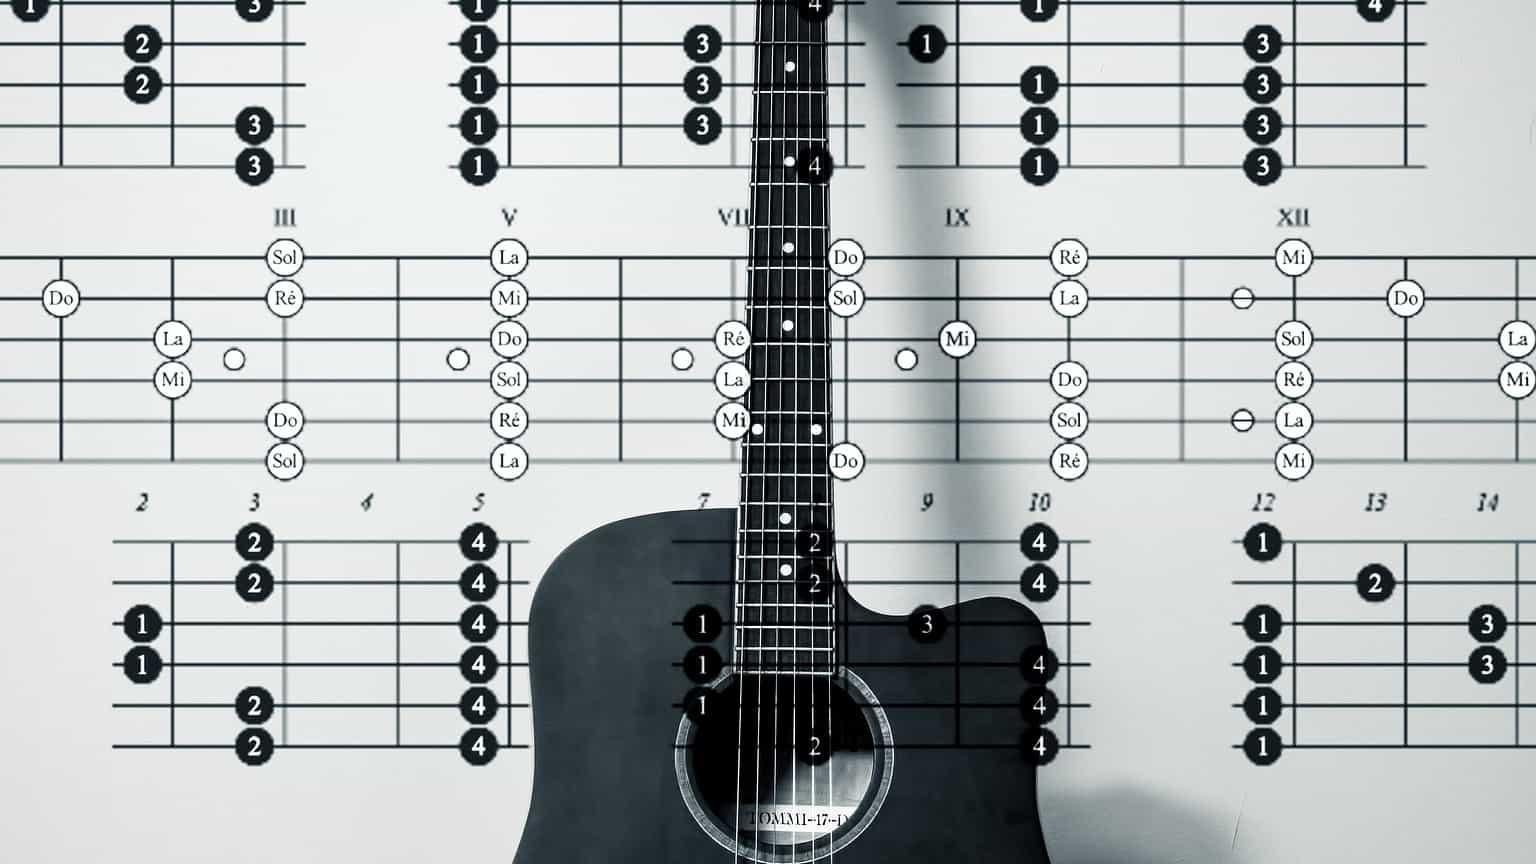 Einfache Gitarren Lieder Die Jeder Kennen Sollte Delamar De